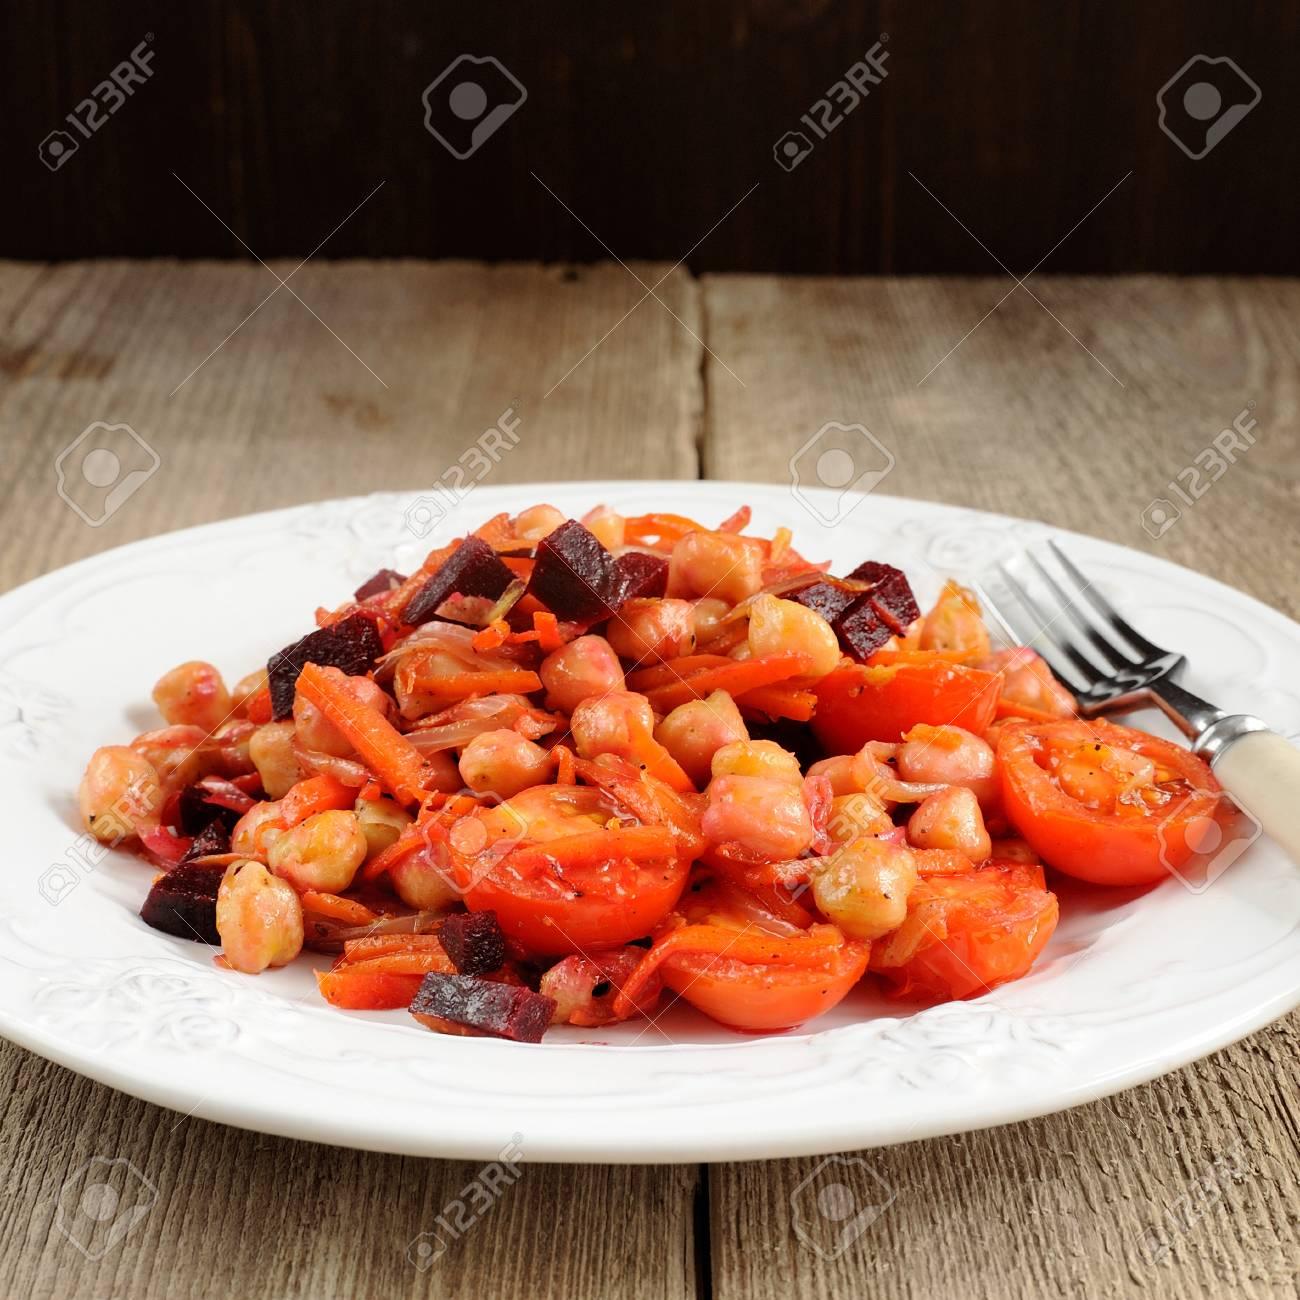 Roter Salat Mit Kichererbsen Karottenhieben Tomaten Und Rote Bete